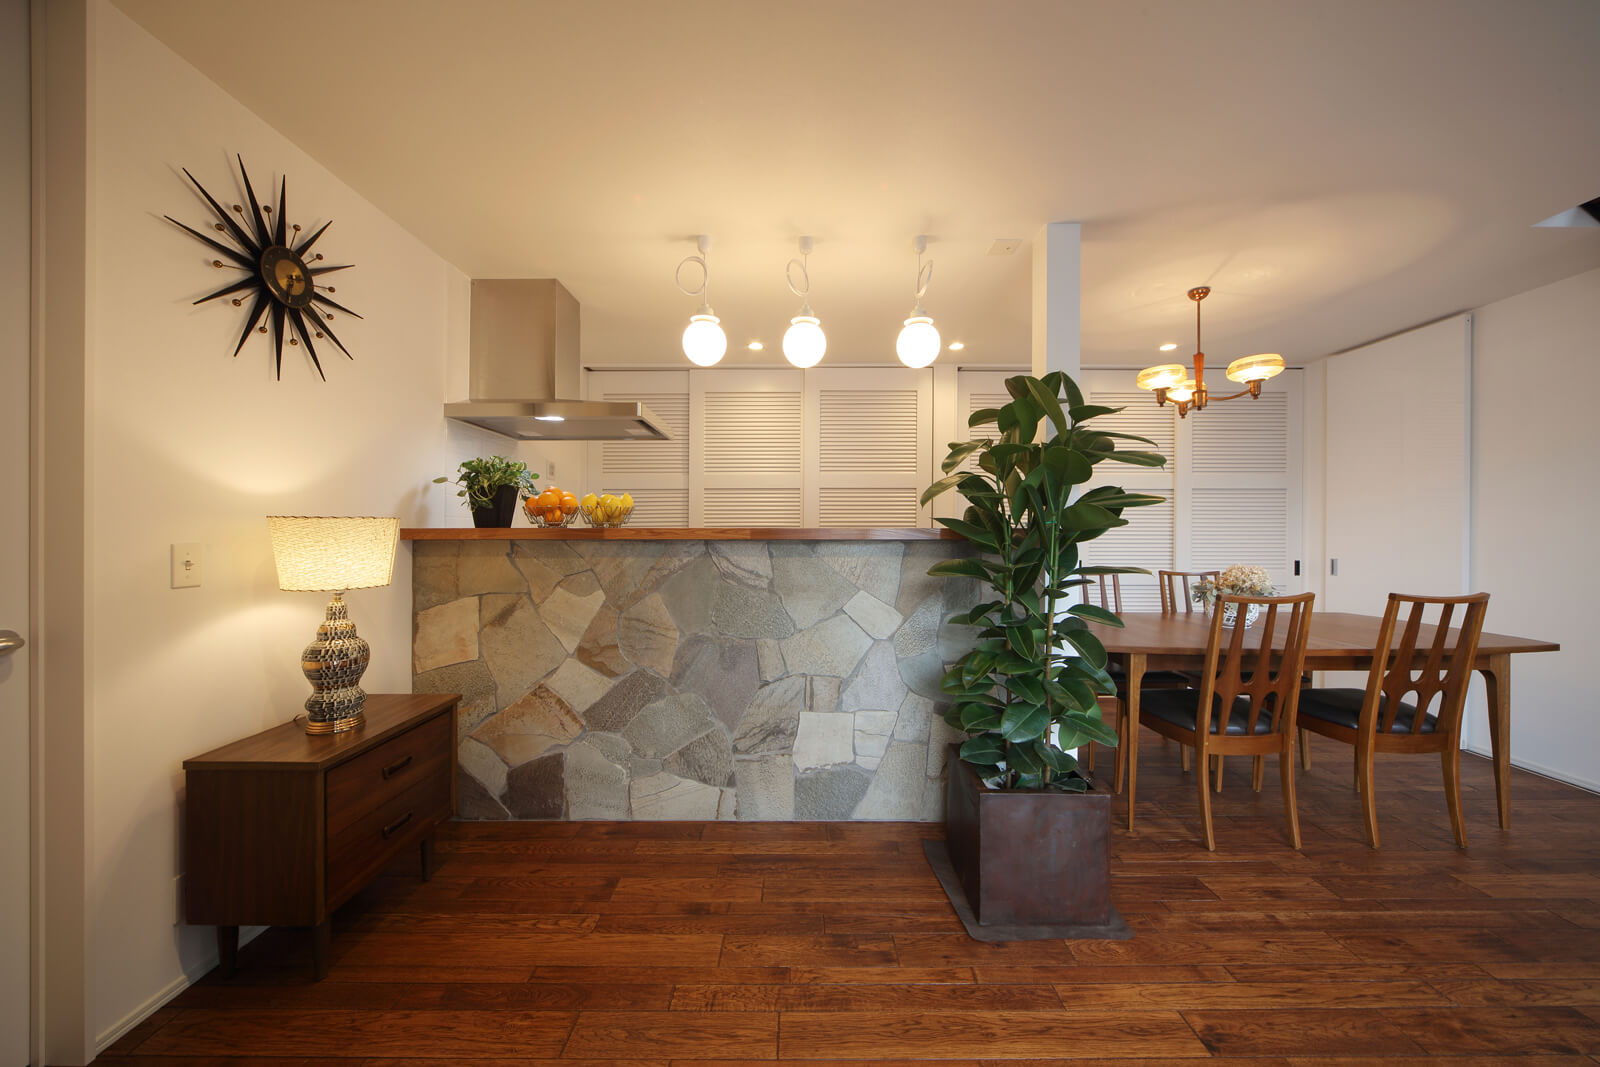 キッチンとダイニングは横並びにレイアウト。キッチン側に張られた天然石が上質なアクセントになっている